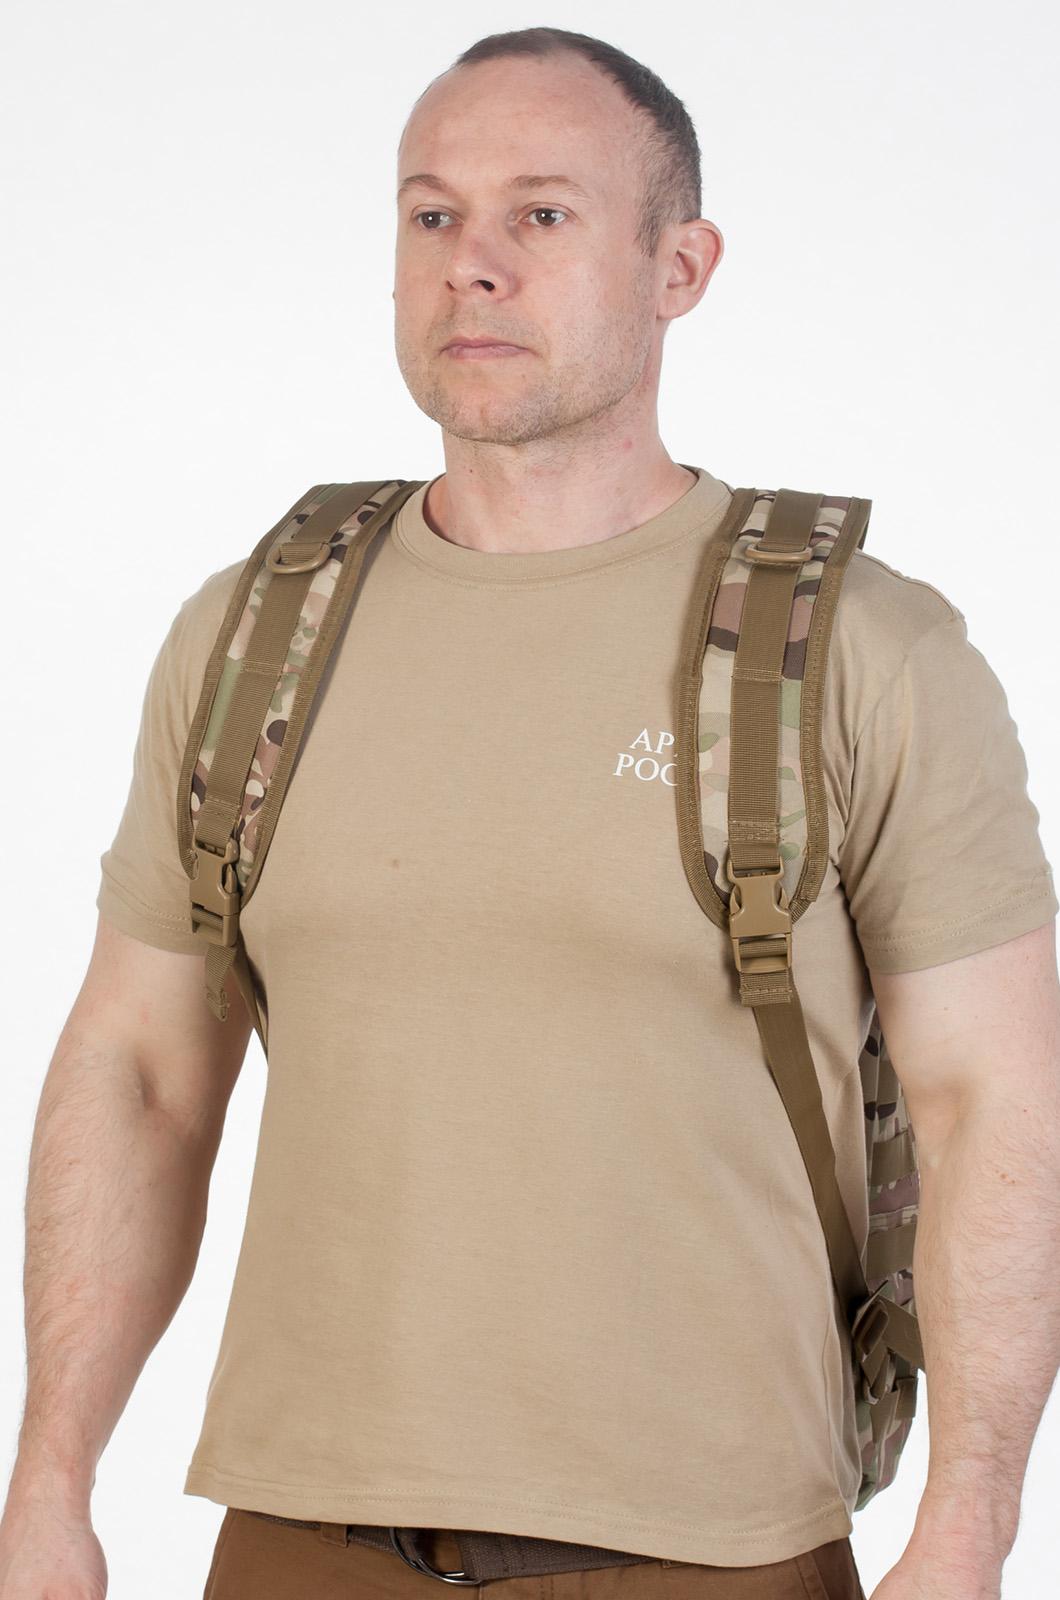 Штурмовой тактический рюкзак с нашивкой ДПС - купить в Военпро